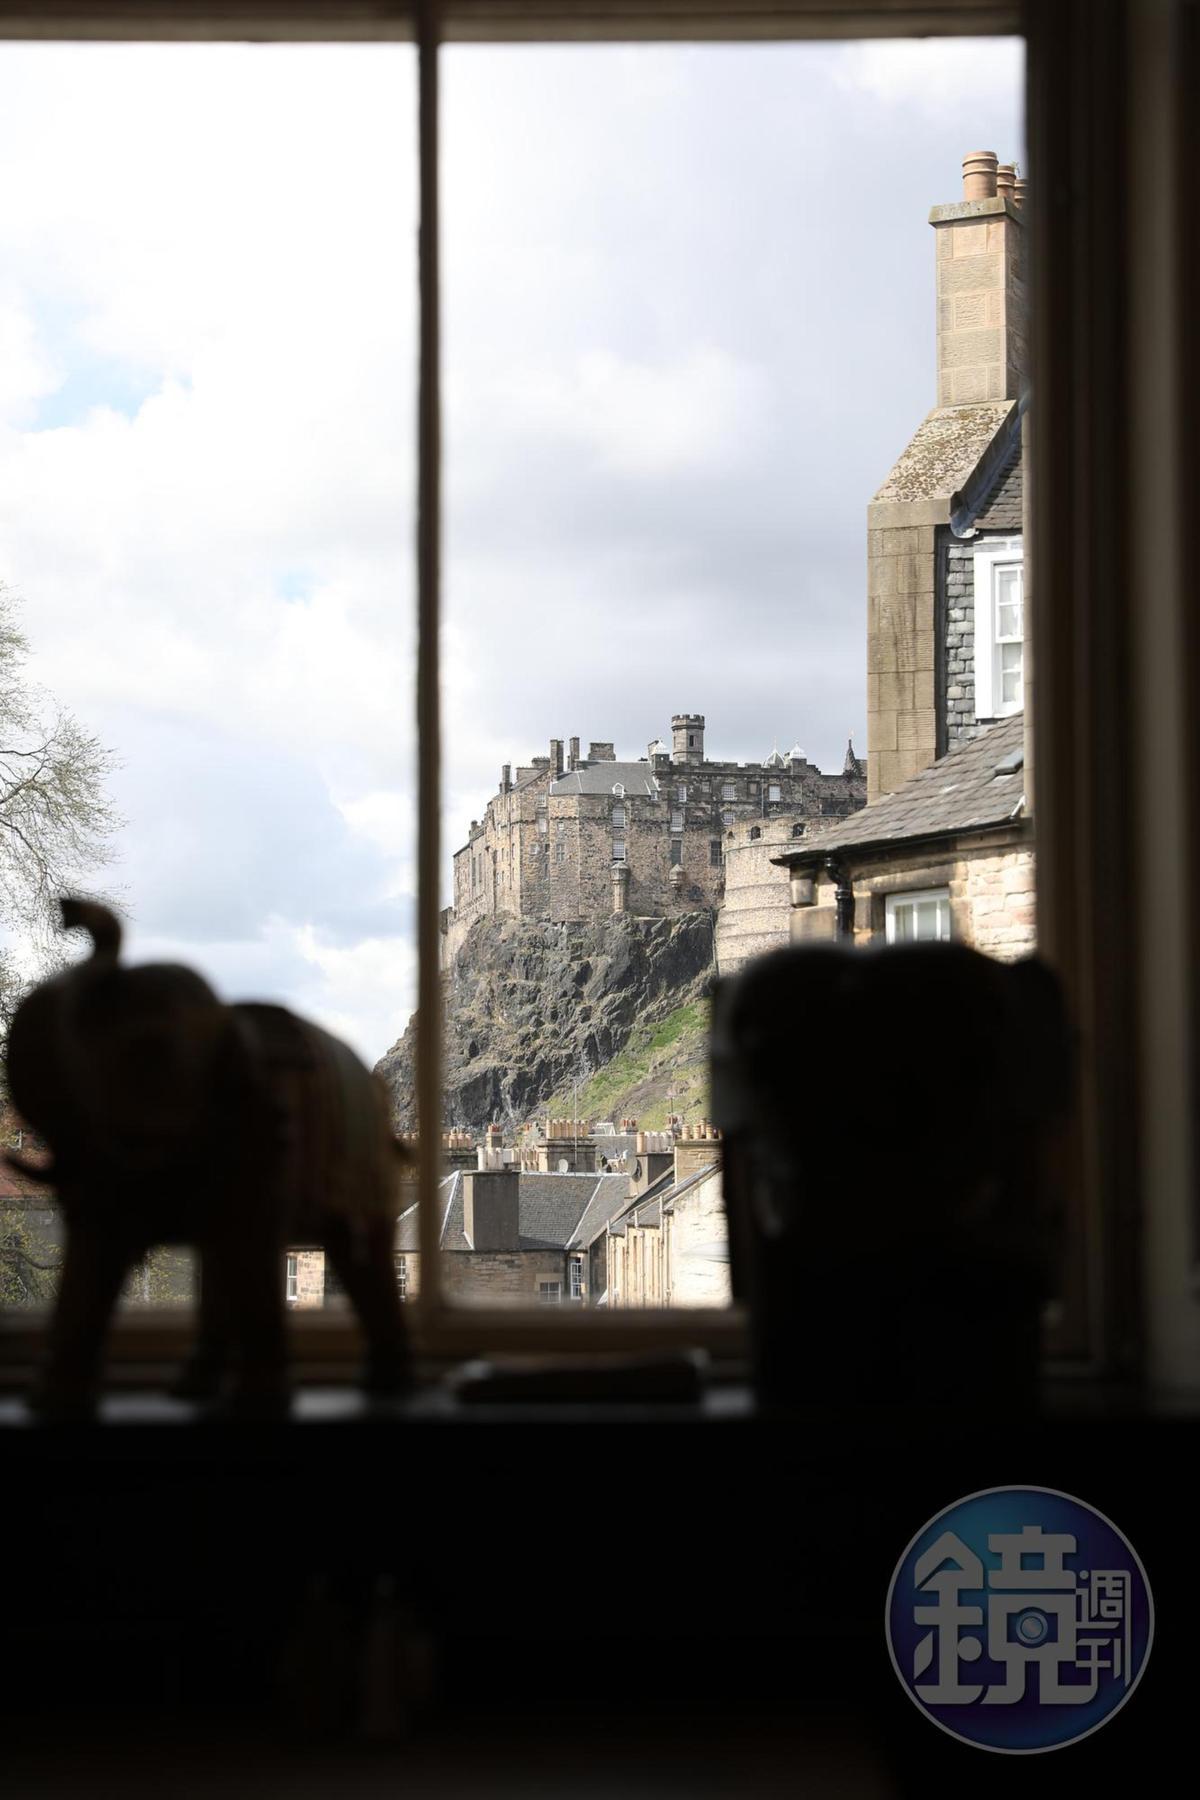 從咖啡館的窗戶可欣賞屹立在花崗岩上的愛丁堡城堡。